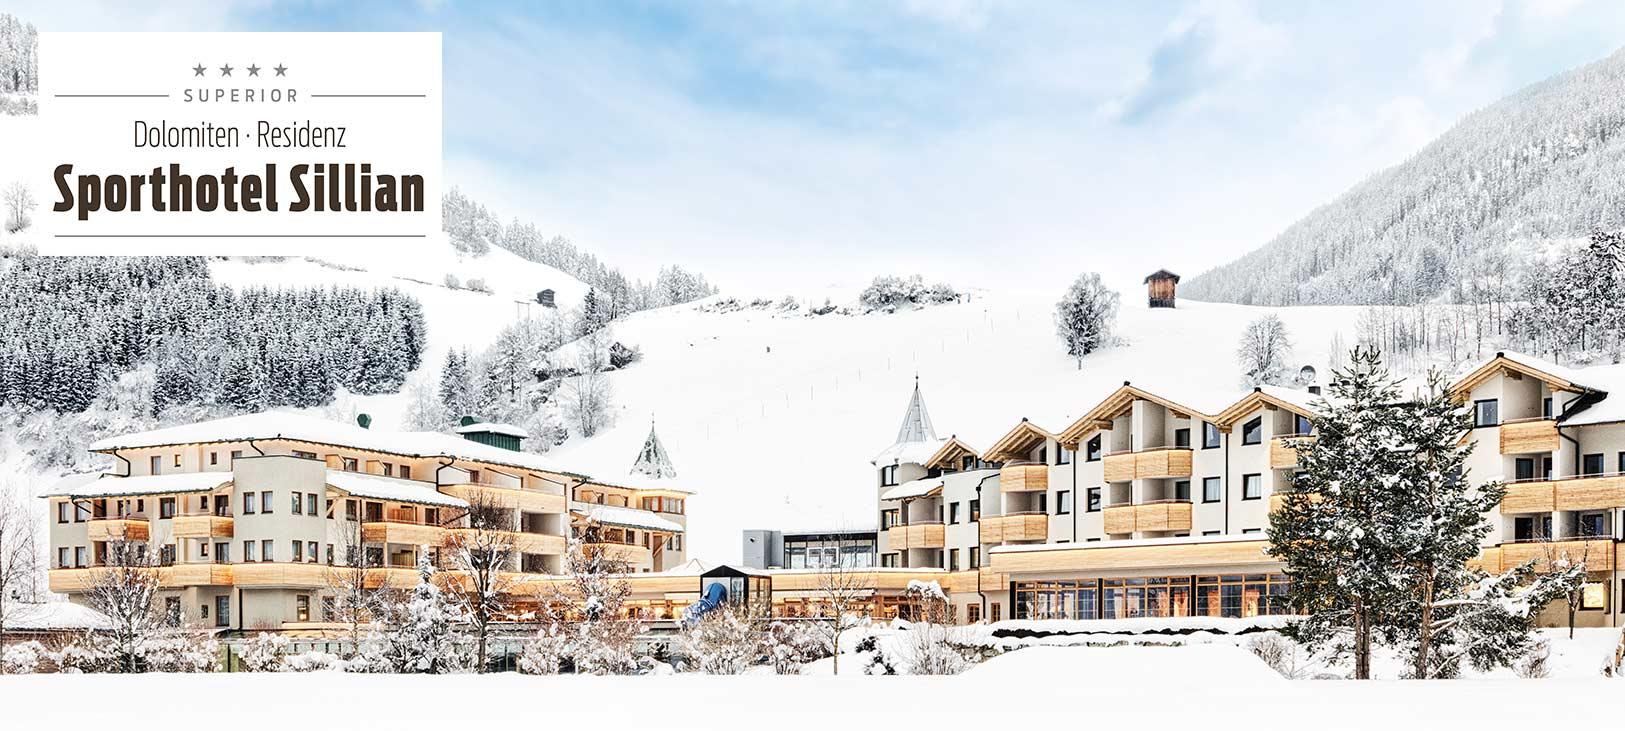 osttirol-ski: Dolomiten Residenz Sporthotel Sillian